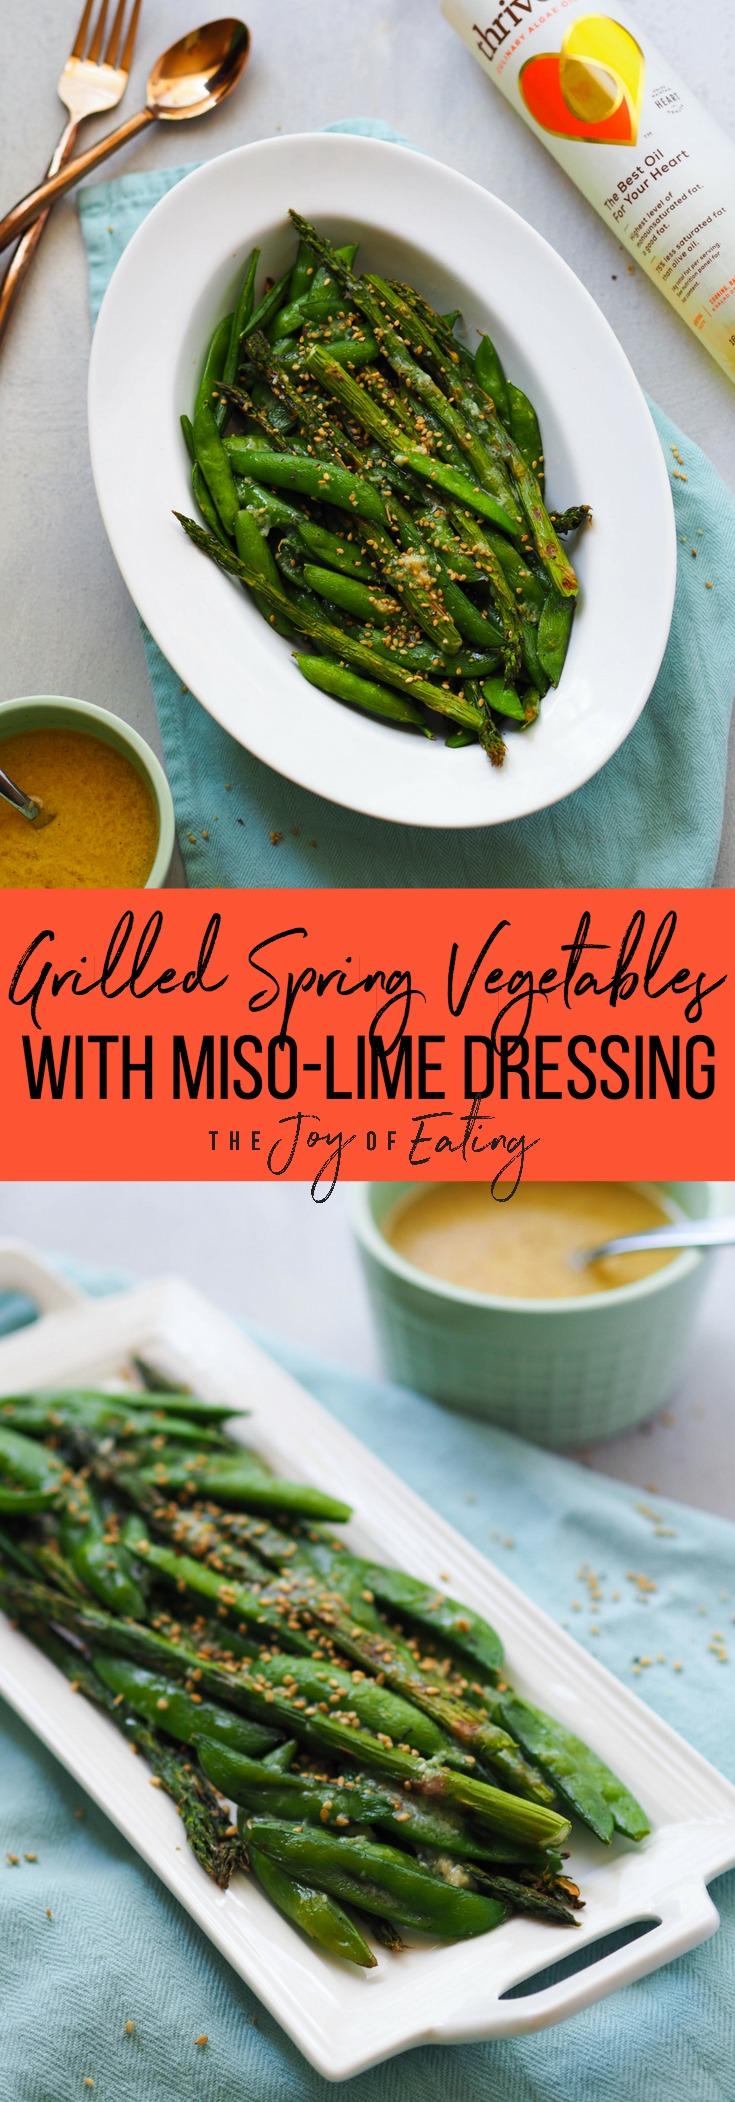 春天来了《绿色的《拉德维拉》》!把烤锅放在烤锅里,然后把番茄洒在番茄酱粉里,然后吃了一瓶香粉和香草的味道!########素食,素食素食#